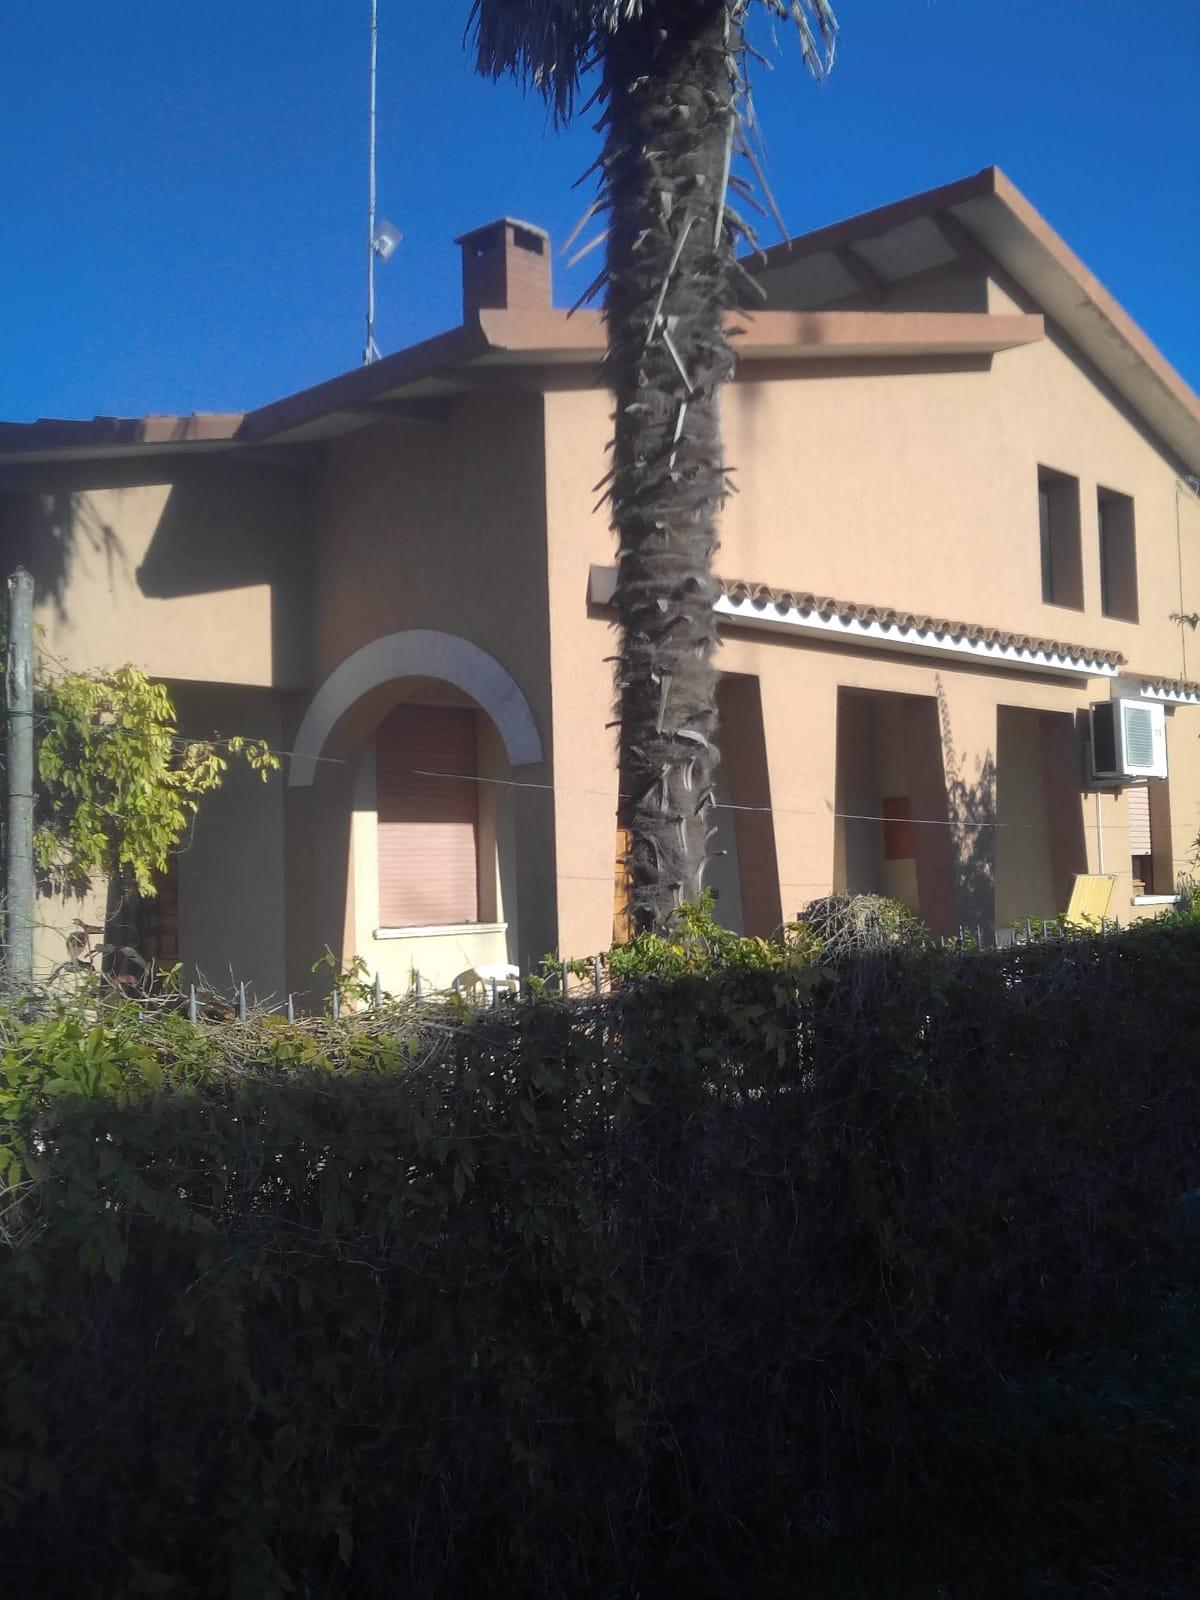 Foto 1 di Casa indipendente via san carlo, Copparo